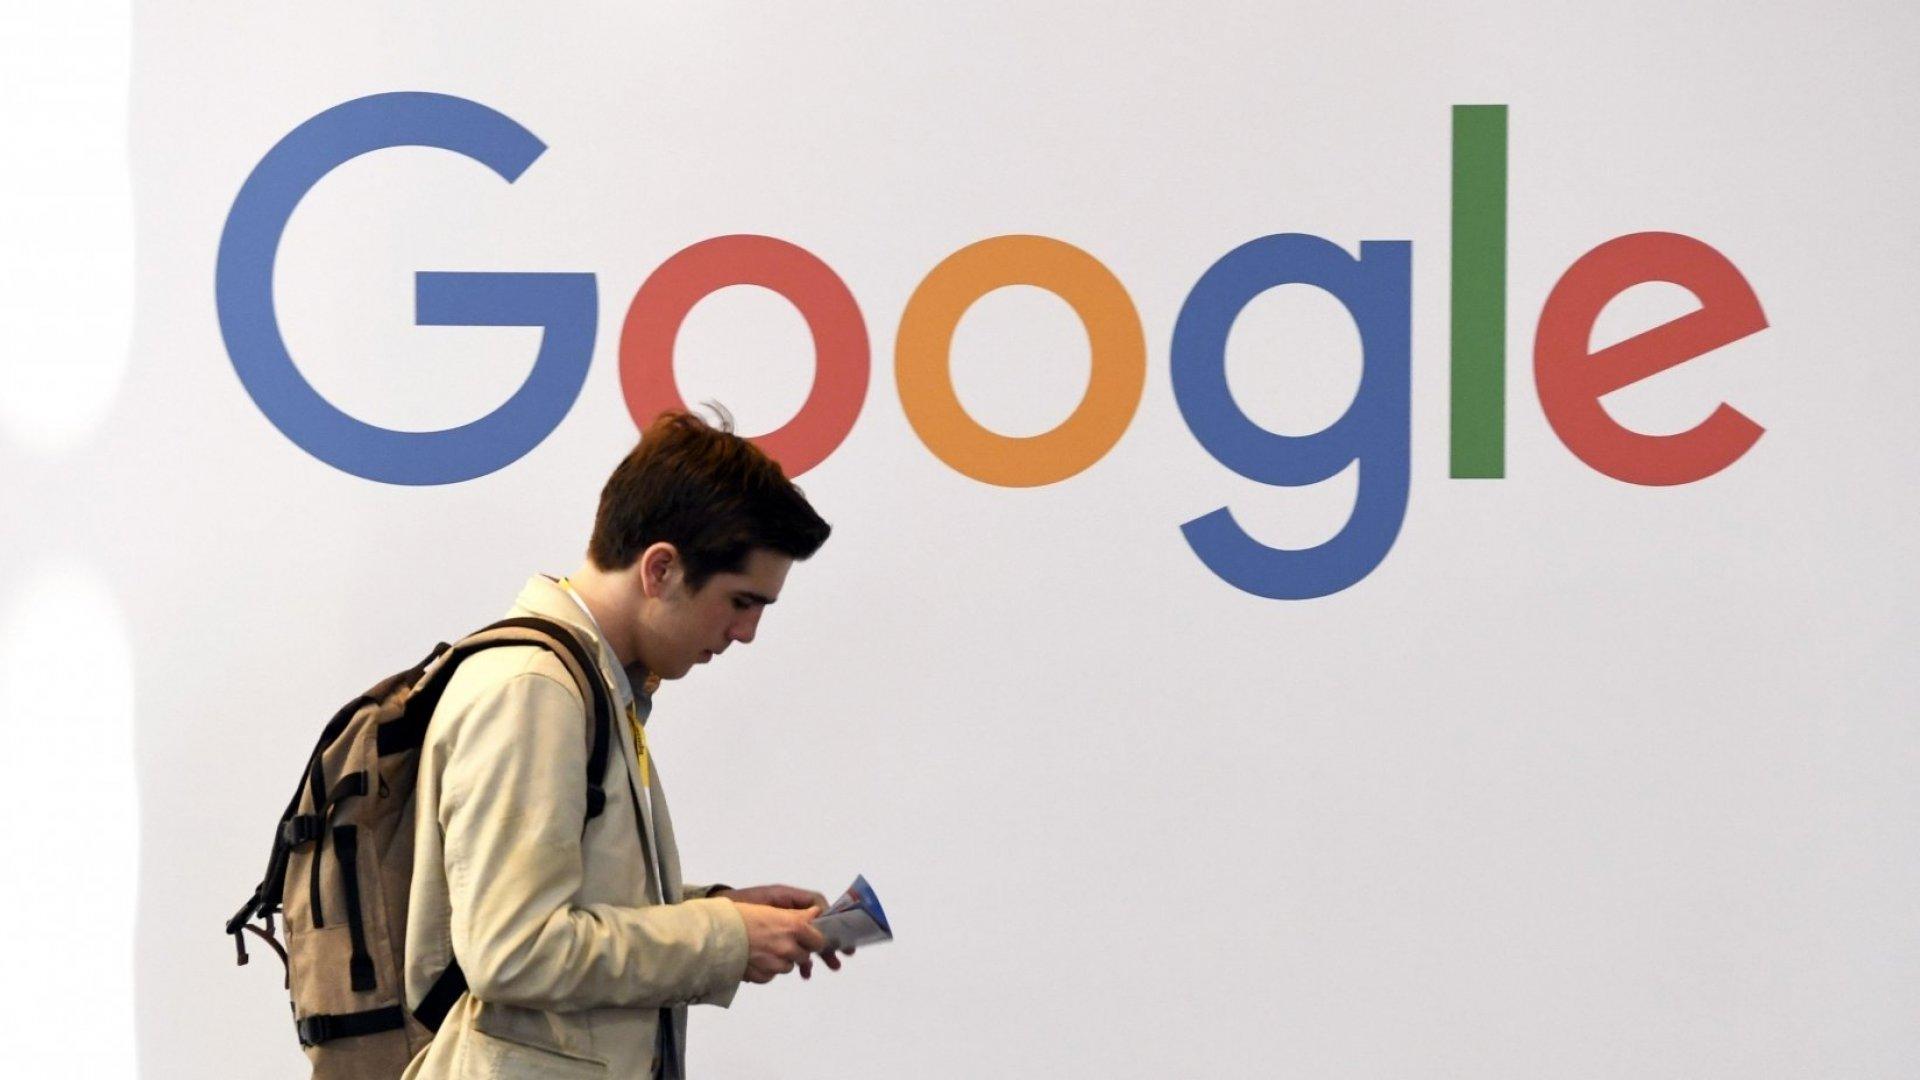 Google: Bạn không cần phải học đại học nữa nếu thấy vừa tốn tiền vừa tốn  thời gian